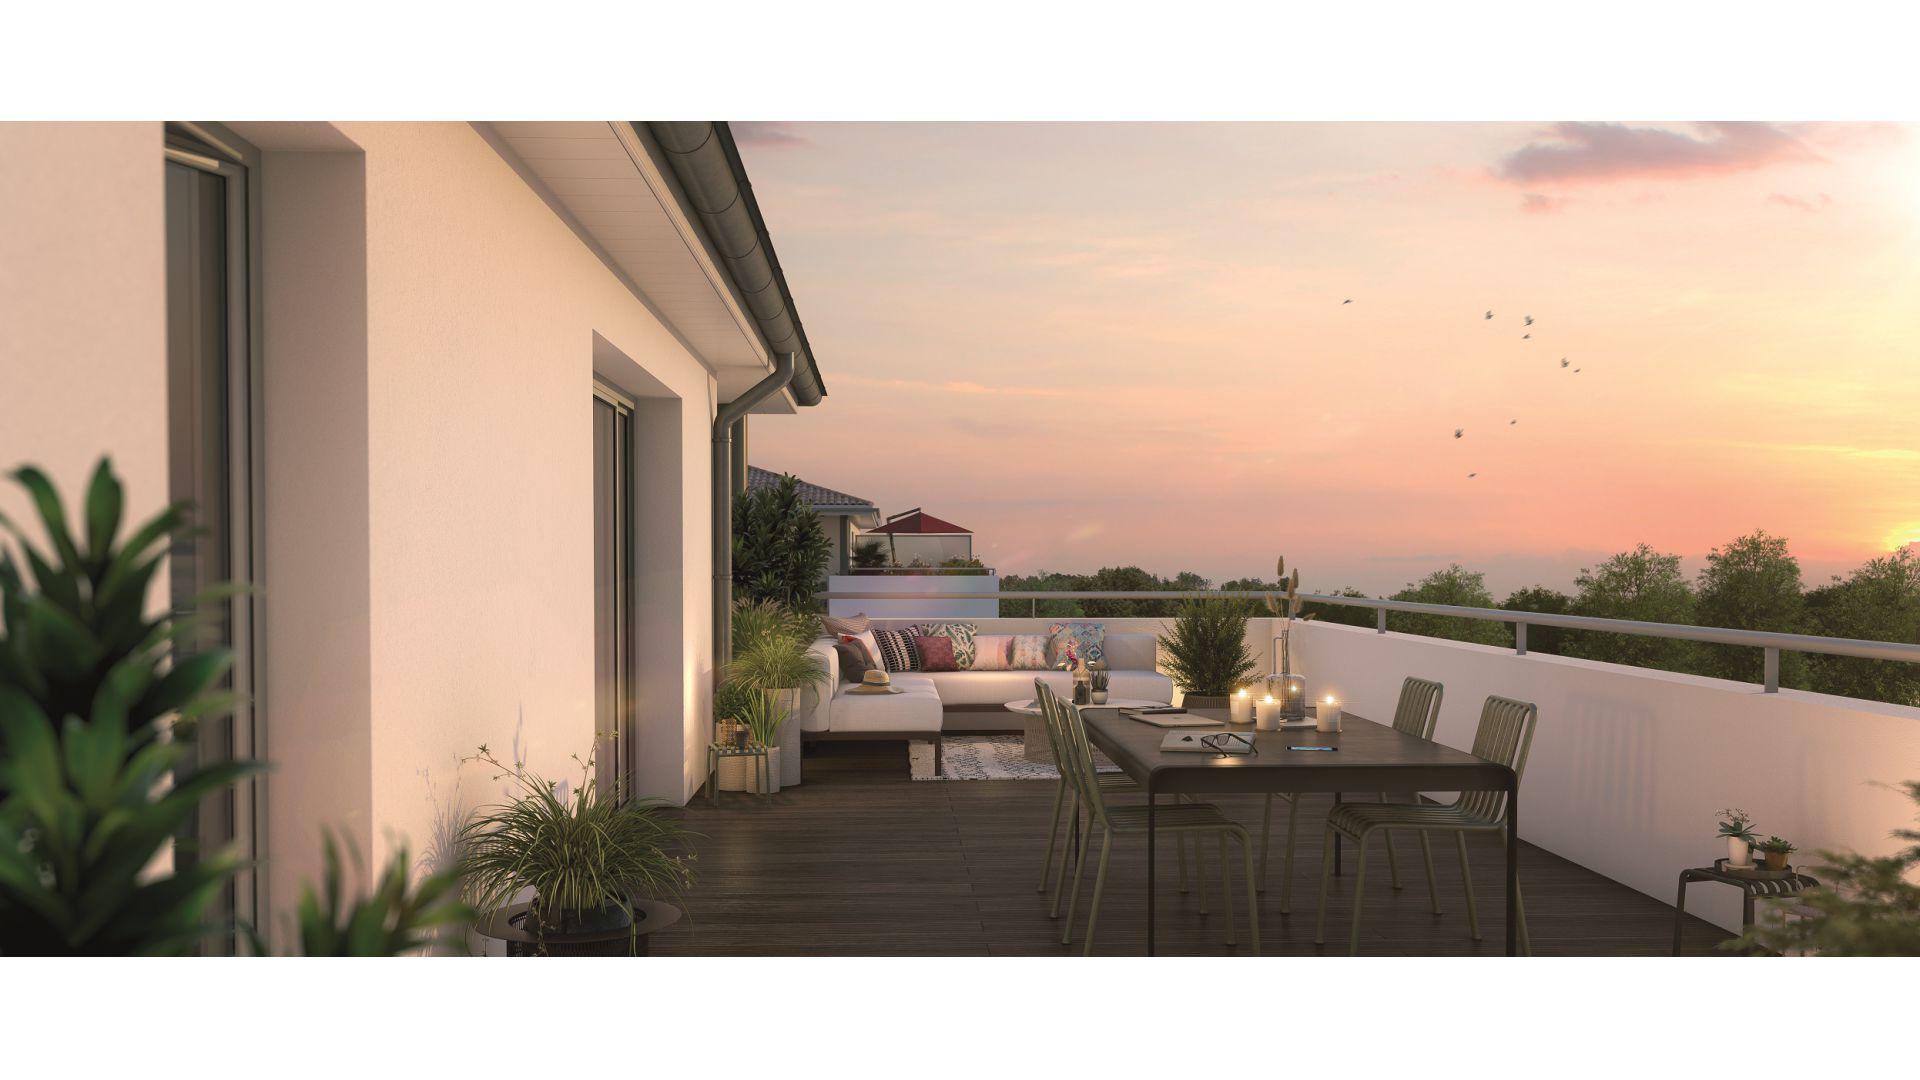 GreenCity immobilier - Plaisance du Touch - 31830 - Résidence Sylvia - appartements neufs du T2 au T4 - vue terrasse